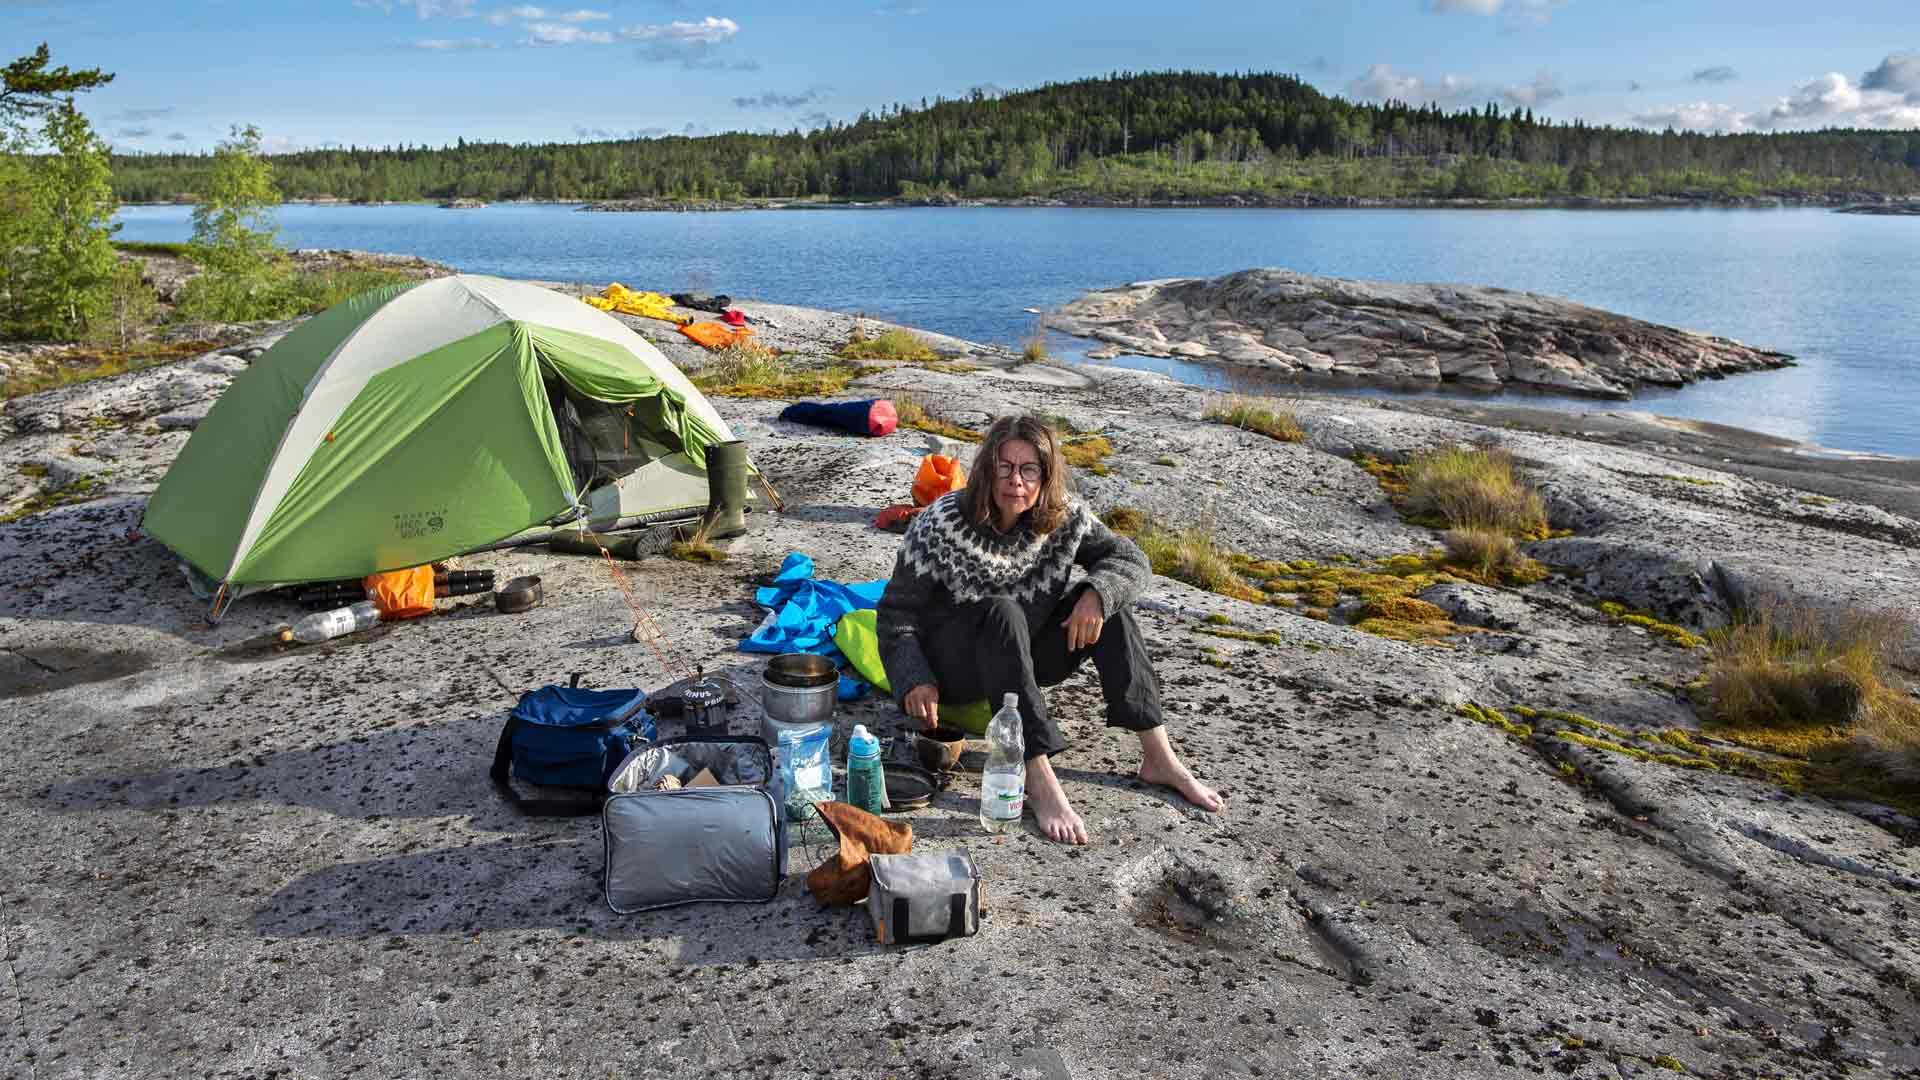 Karjalassa ja Laatokalla retkeillessään Mari on oppinut ymmärtämään siirtolaisten surua, kun he ovat joutuneet jättämään kotinsa monimuotoisen luonnon keskellä.